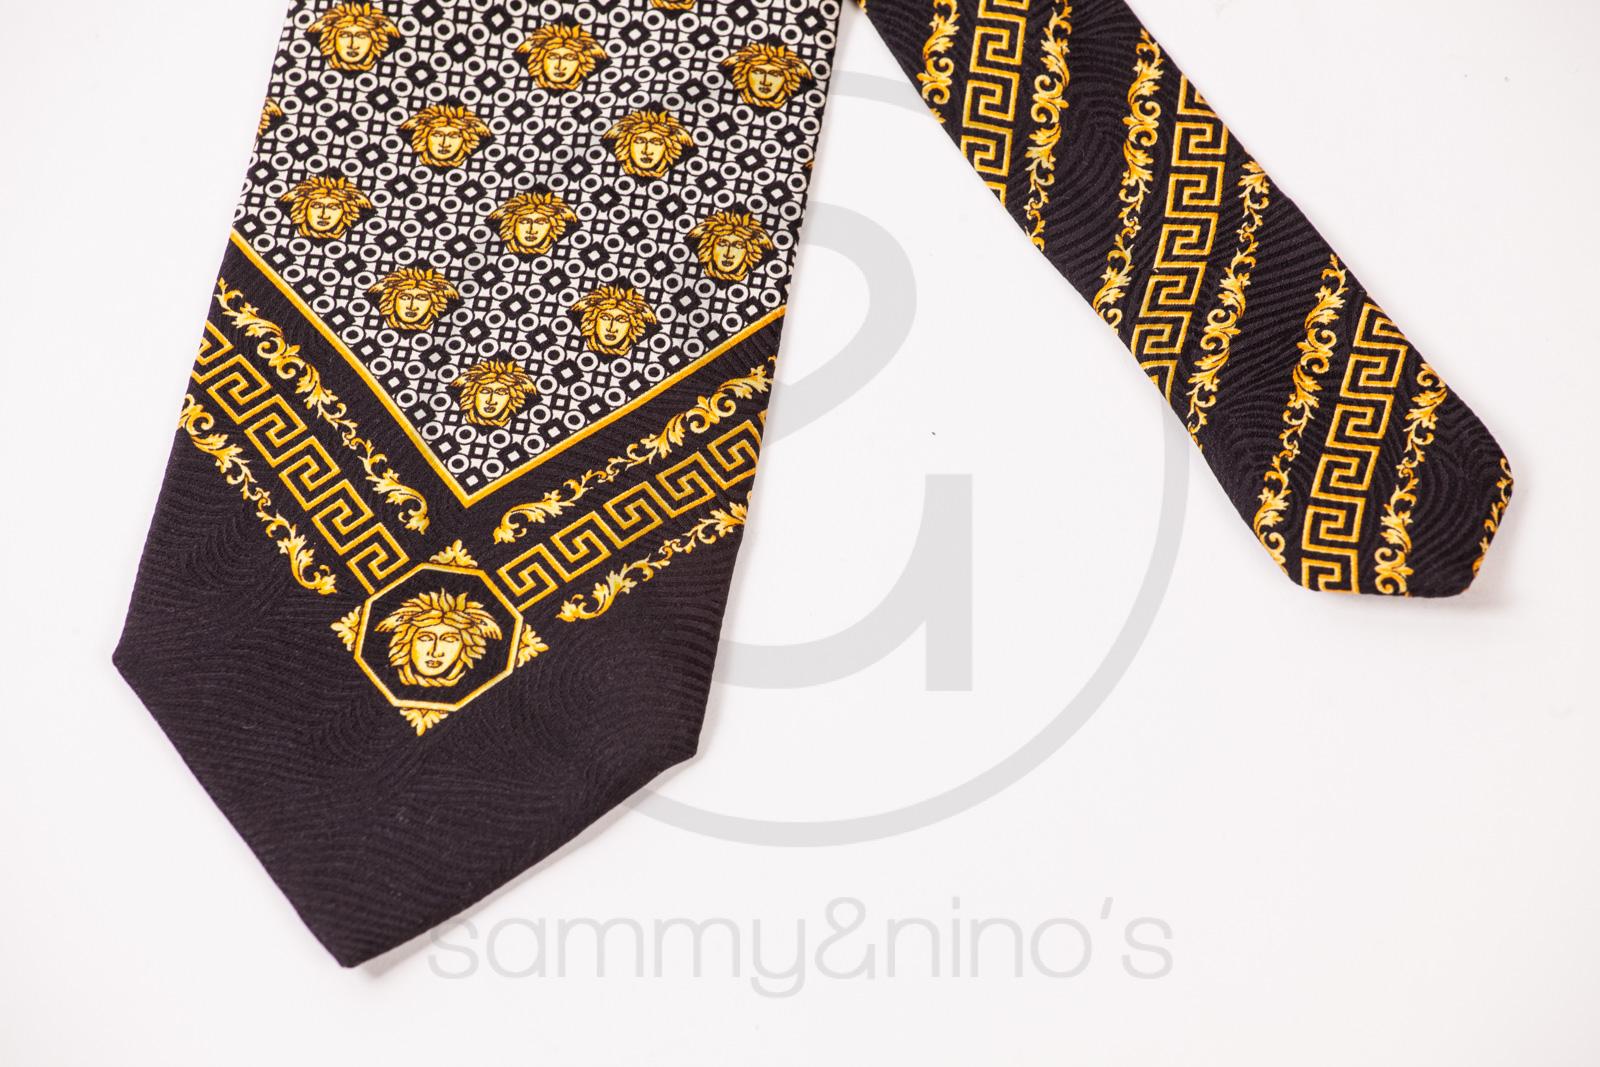 d6d2517bdd98 Gianni Versace silk tie – Sammy   Nino s Store